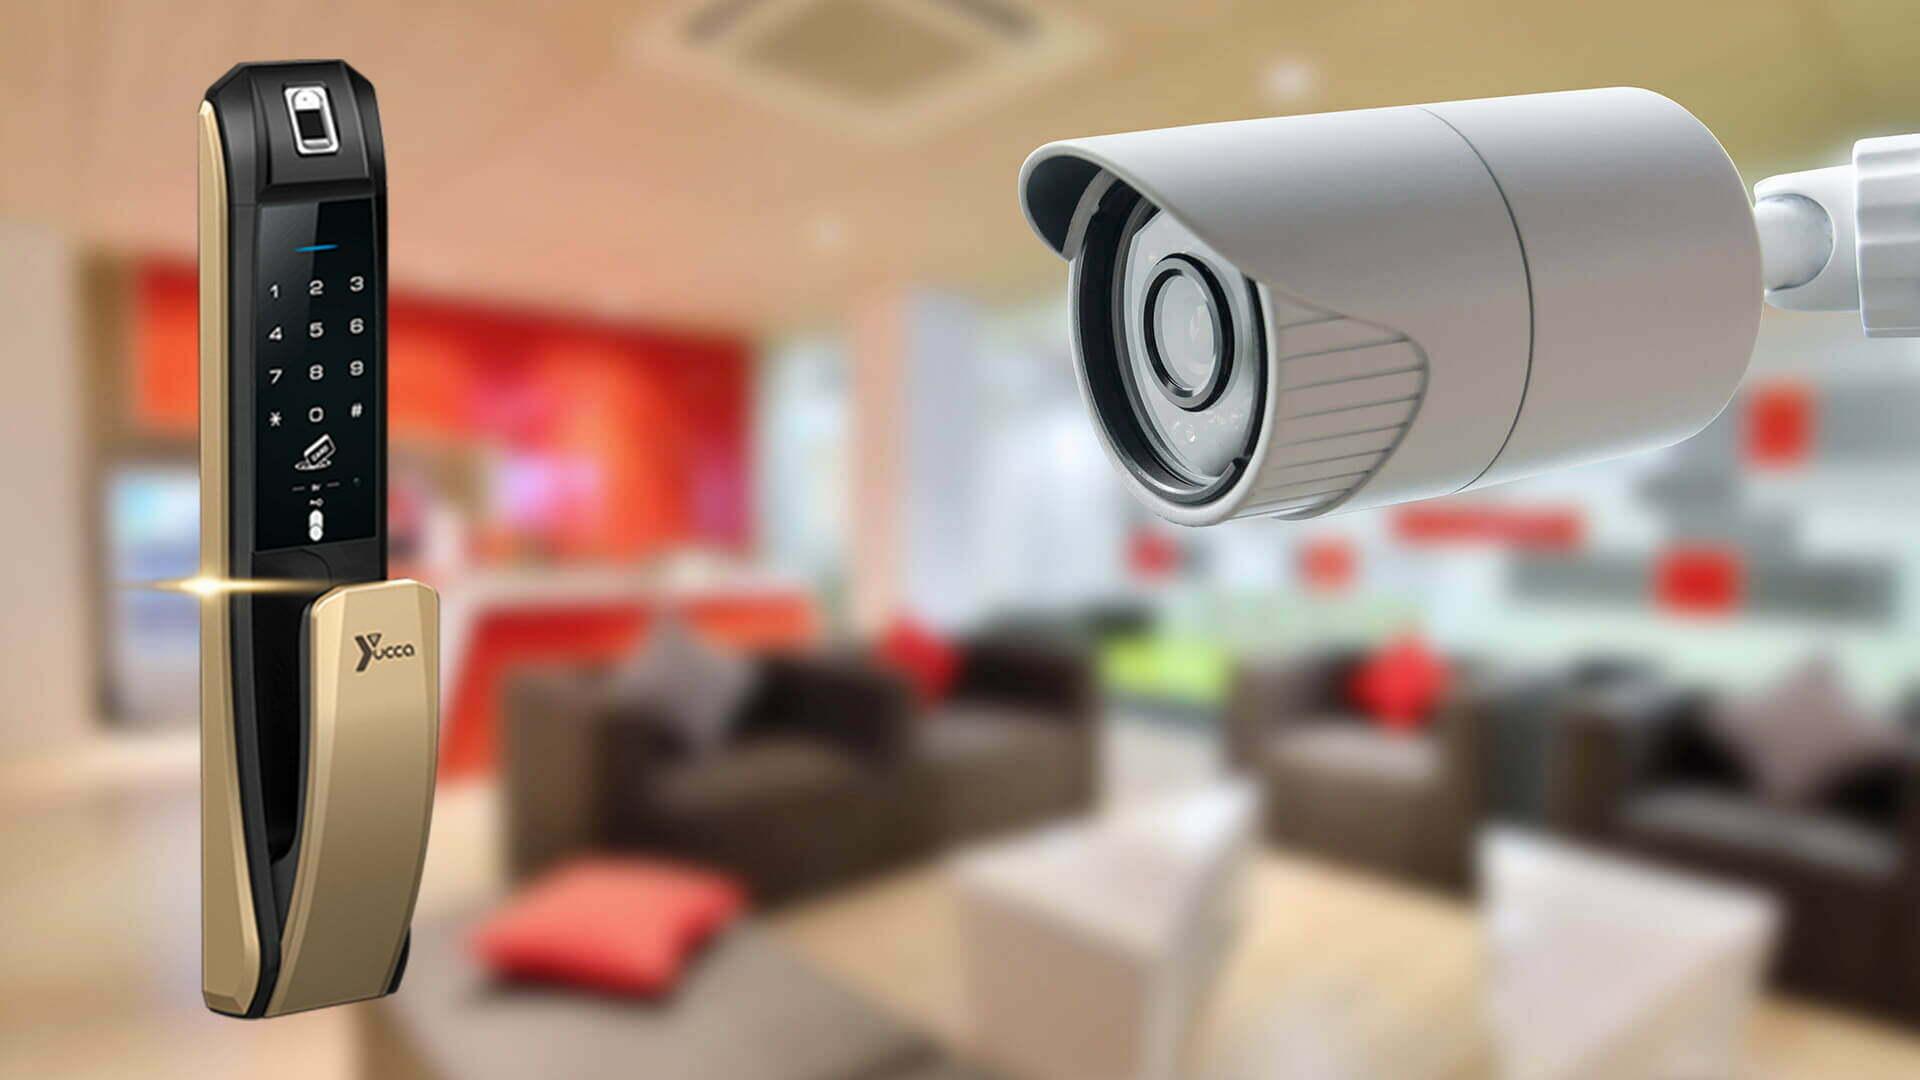 دوربین هوشمند و قفل دیجیتال در مدیریت ایمنی و امنیت